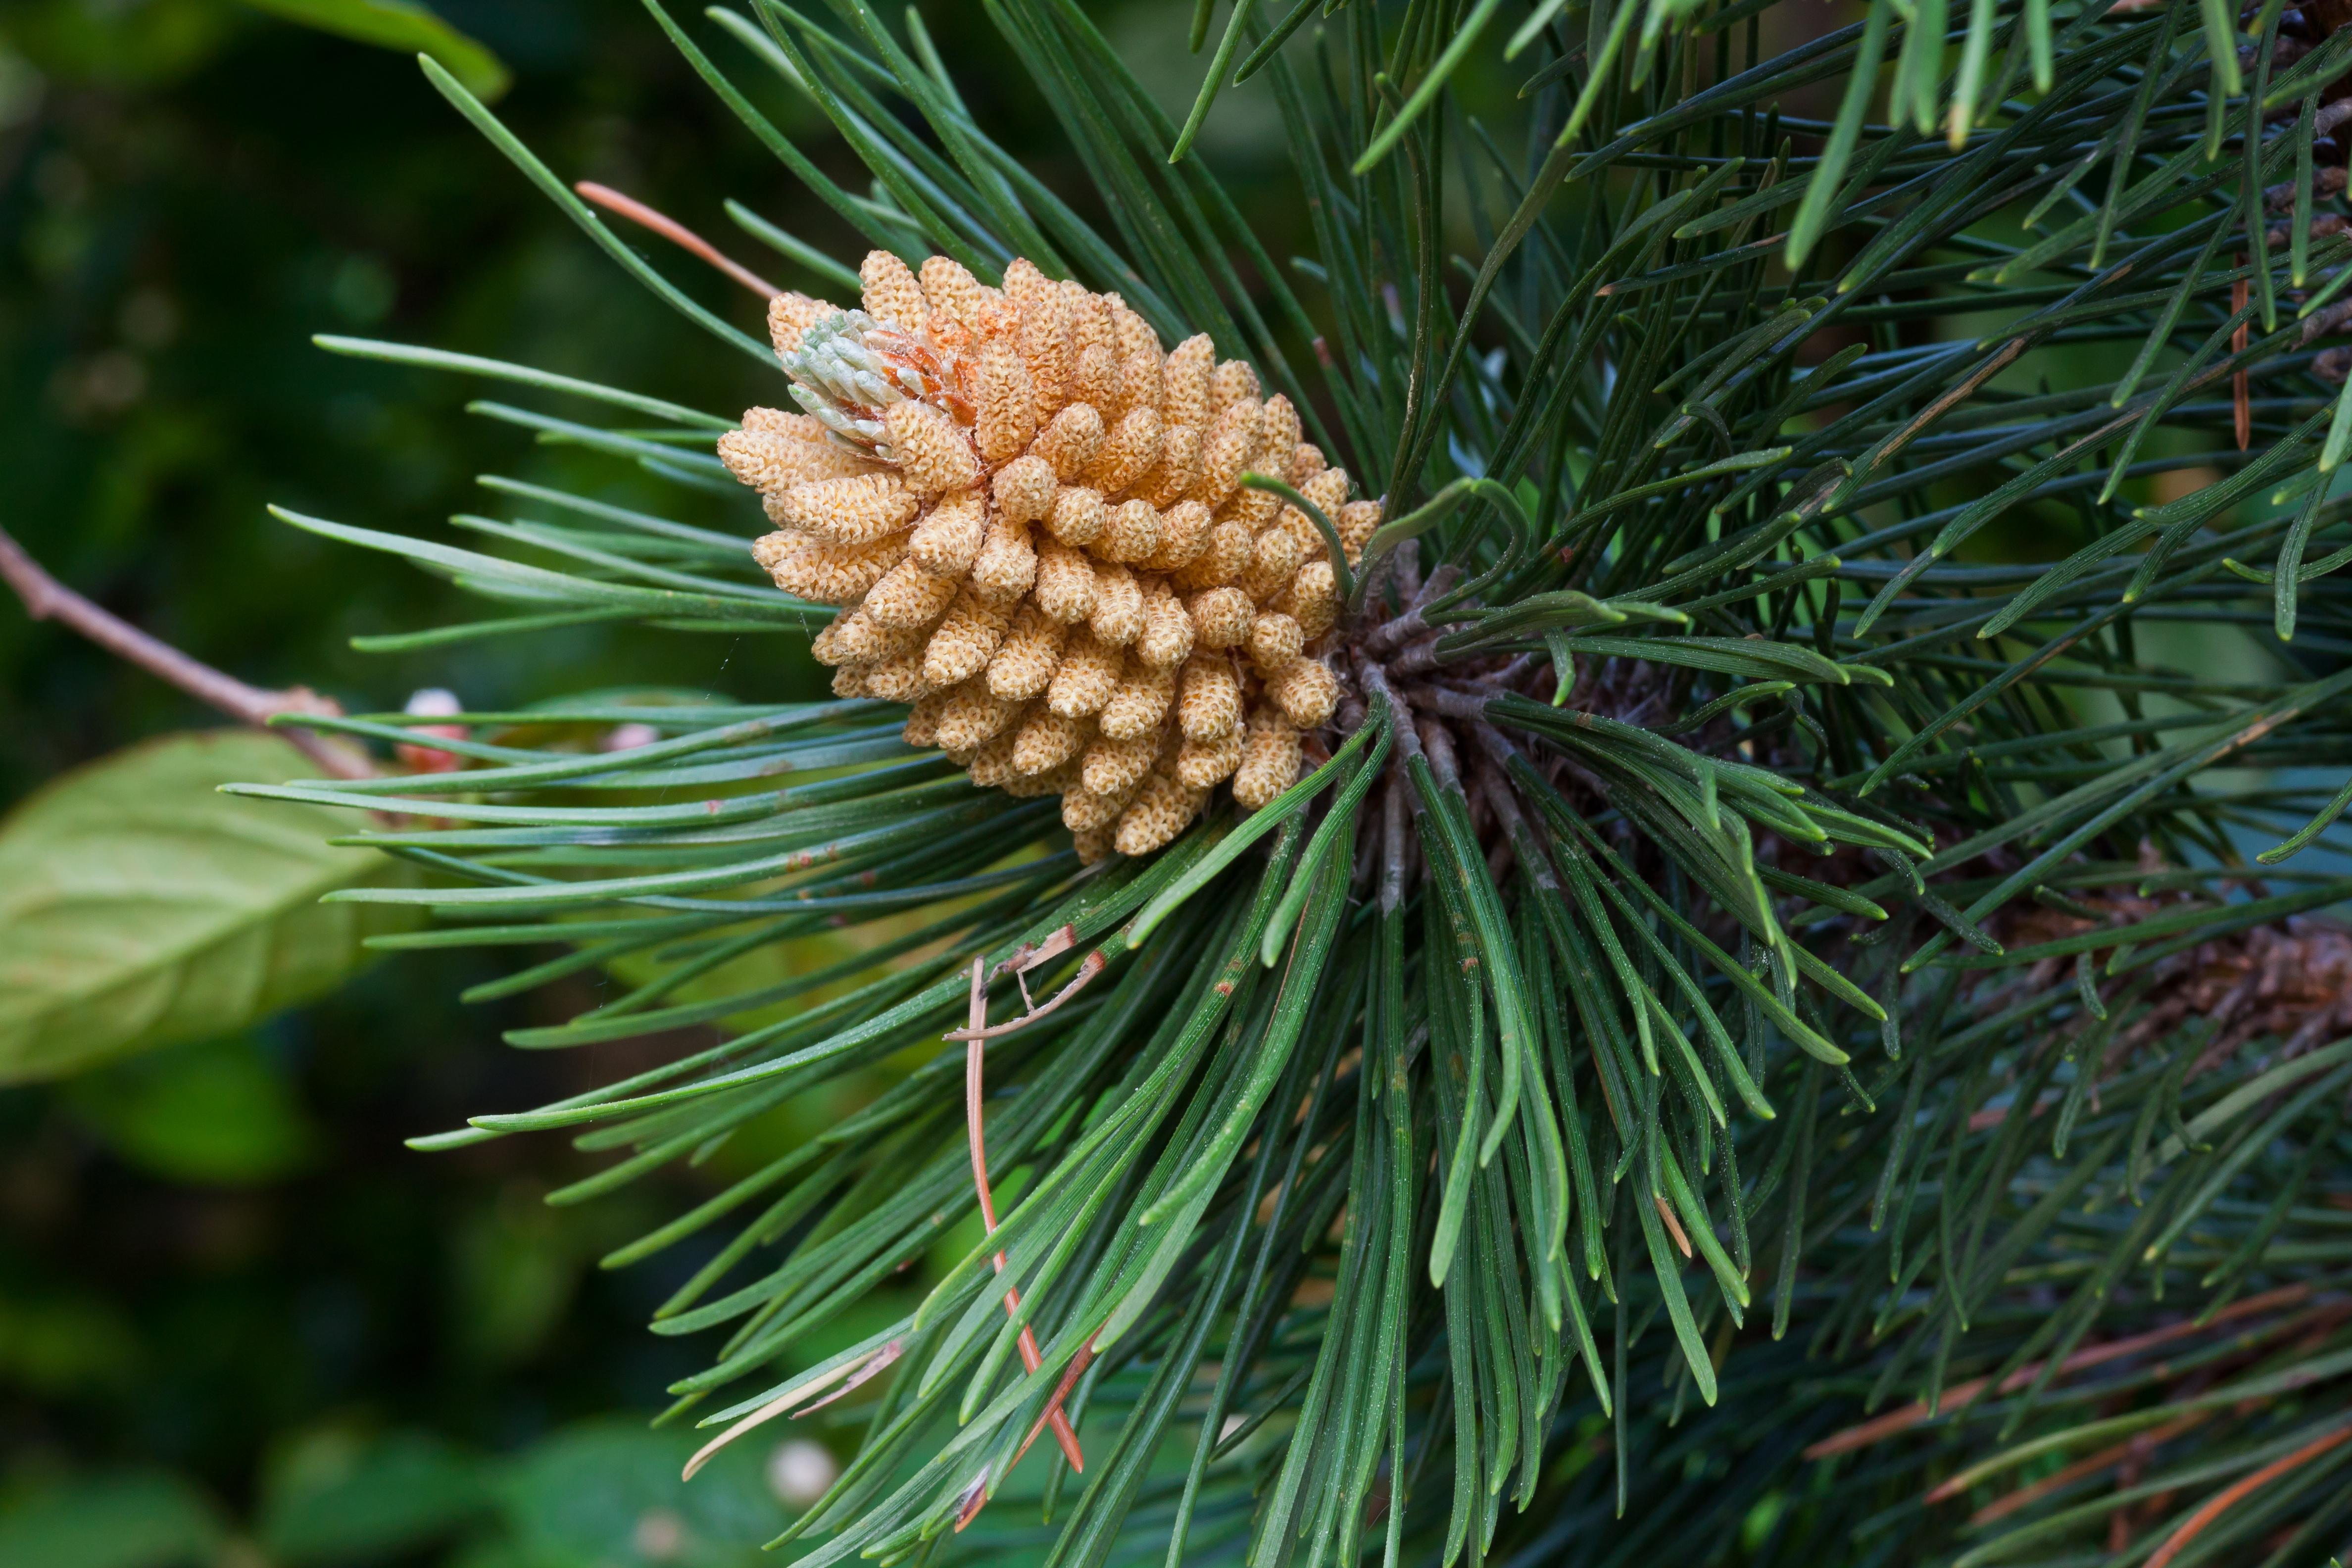 Pinus Pollen File:pinus Nigra Pollen Cone